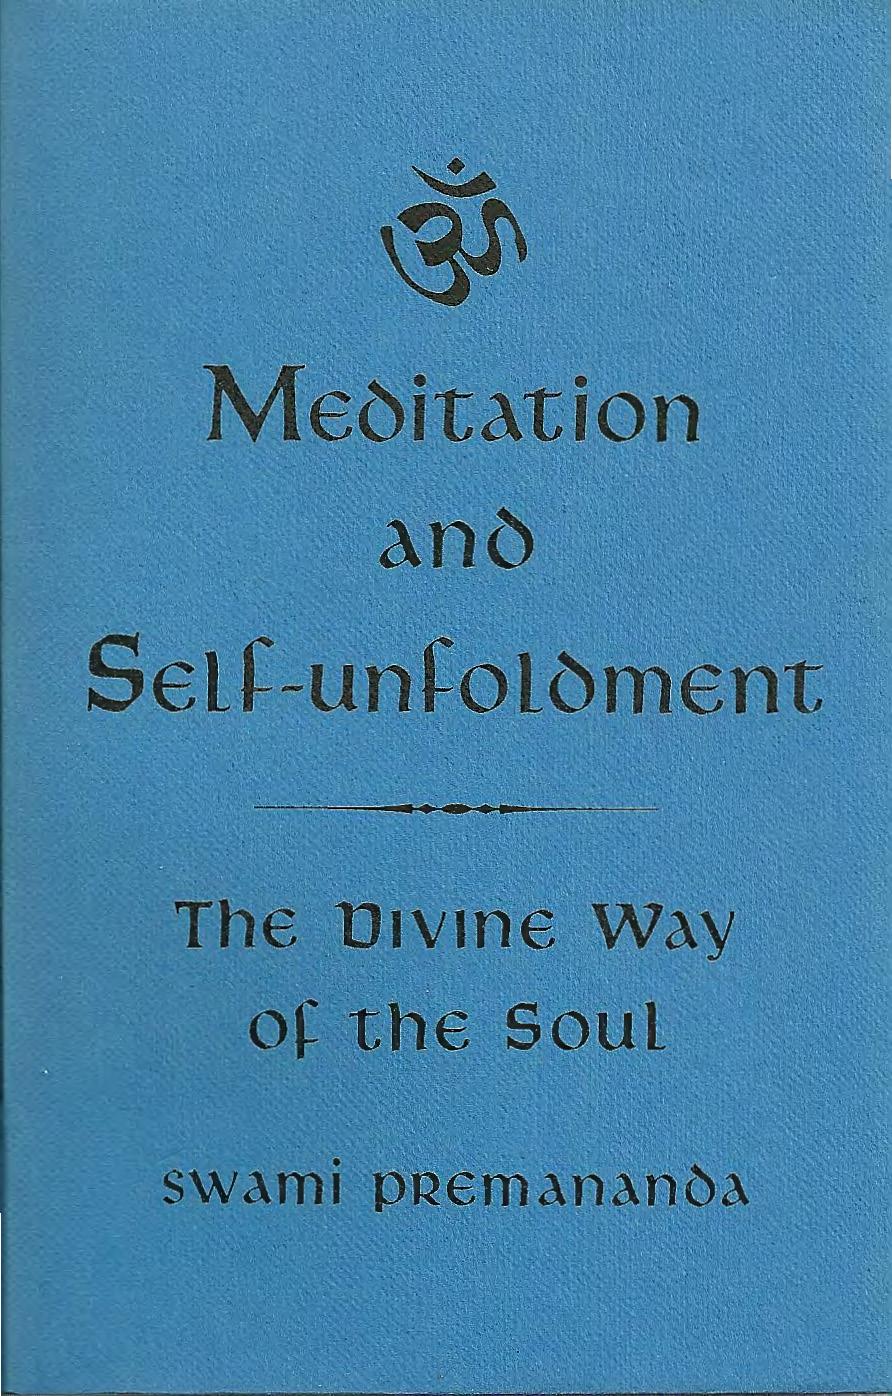 meditation book.jpg